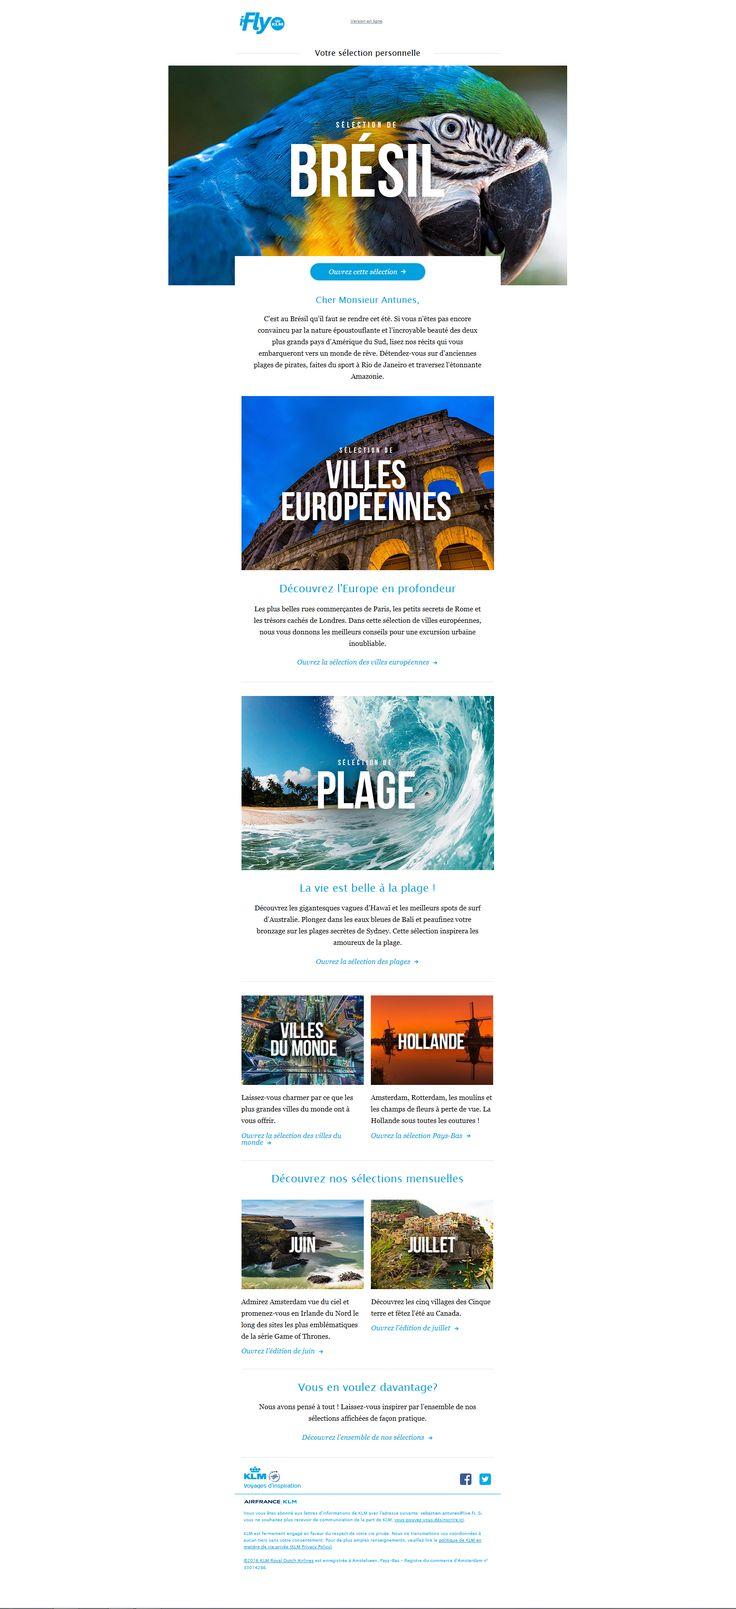 Objet : ✈ Cher Monsieur Objet : Antunes, Découvrez les meilleures excursions urbaines en Europe, le charme Pays-Bas et les plus belles plages du monde Email avec des visuels immersifs